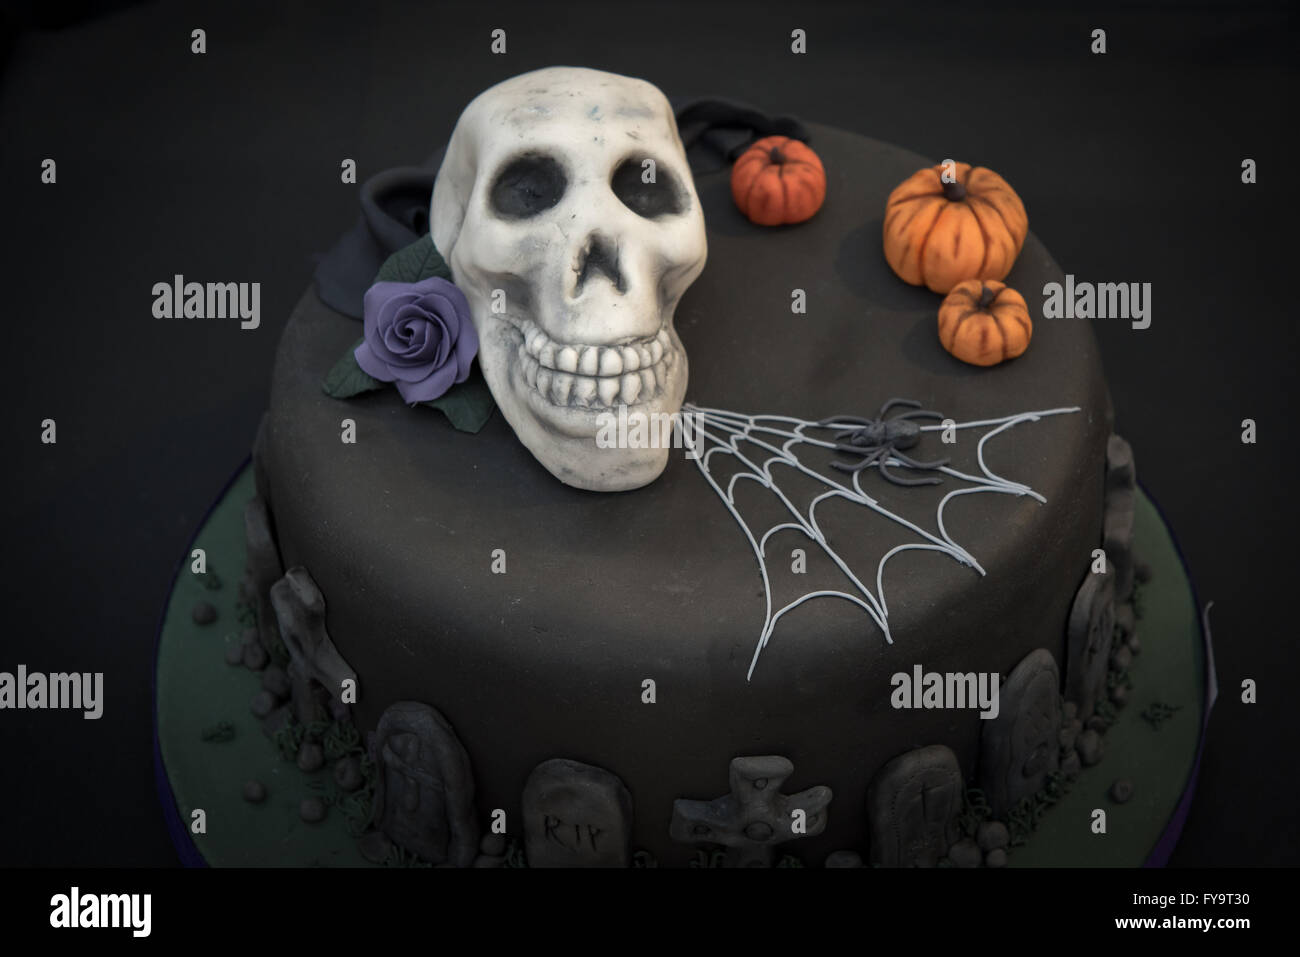 Halloween Kuchen Schadel Kurbis Schwarz Goth Bei Kuchen